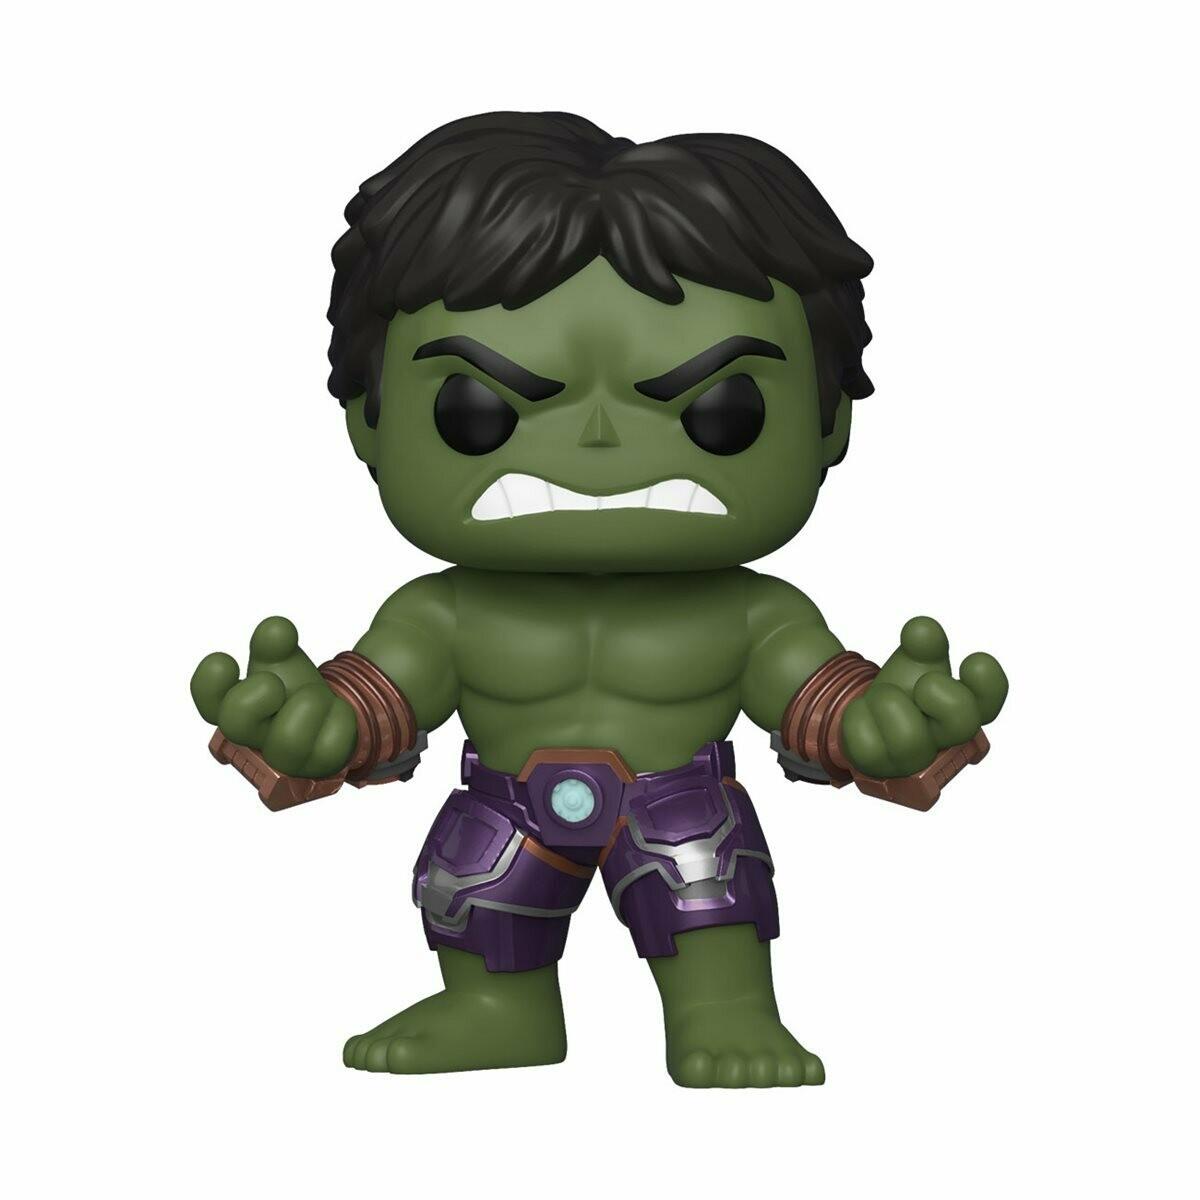 Funko Marvel's Avengers Game Hulk Pop! Vinyl Figure